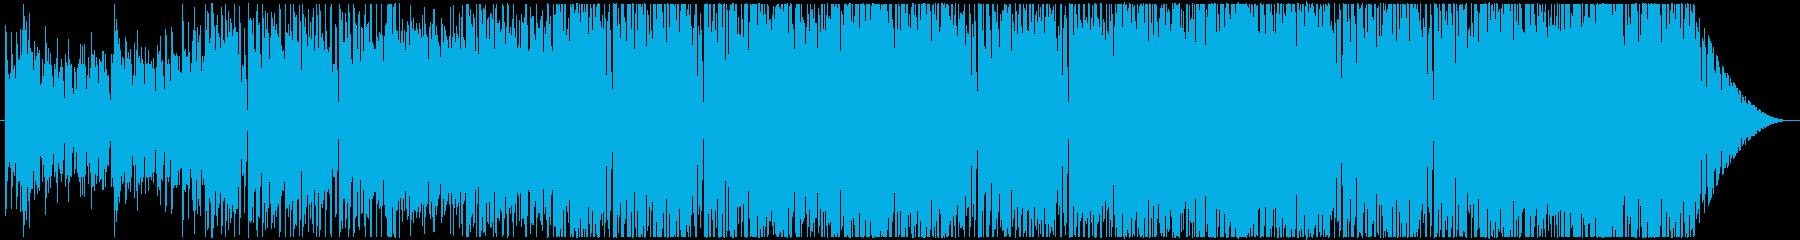 軽やかで明るいテクノポップの再生済みの波形